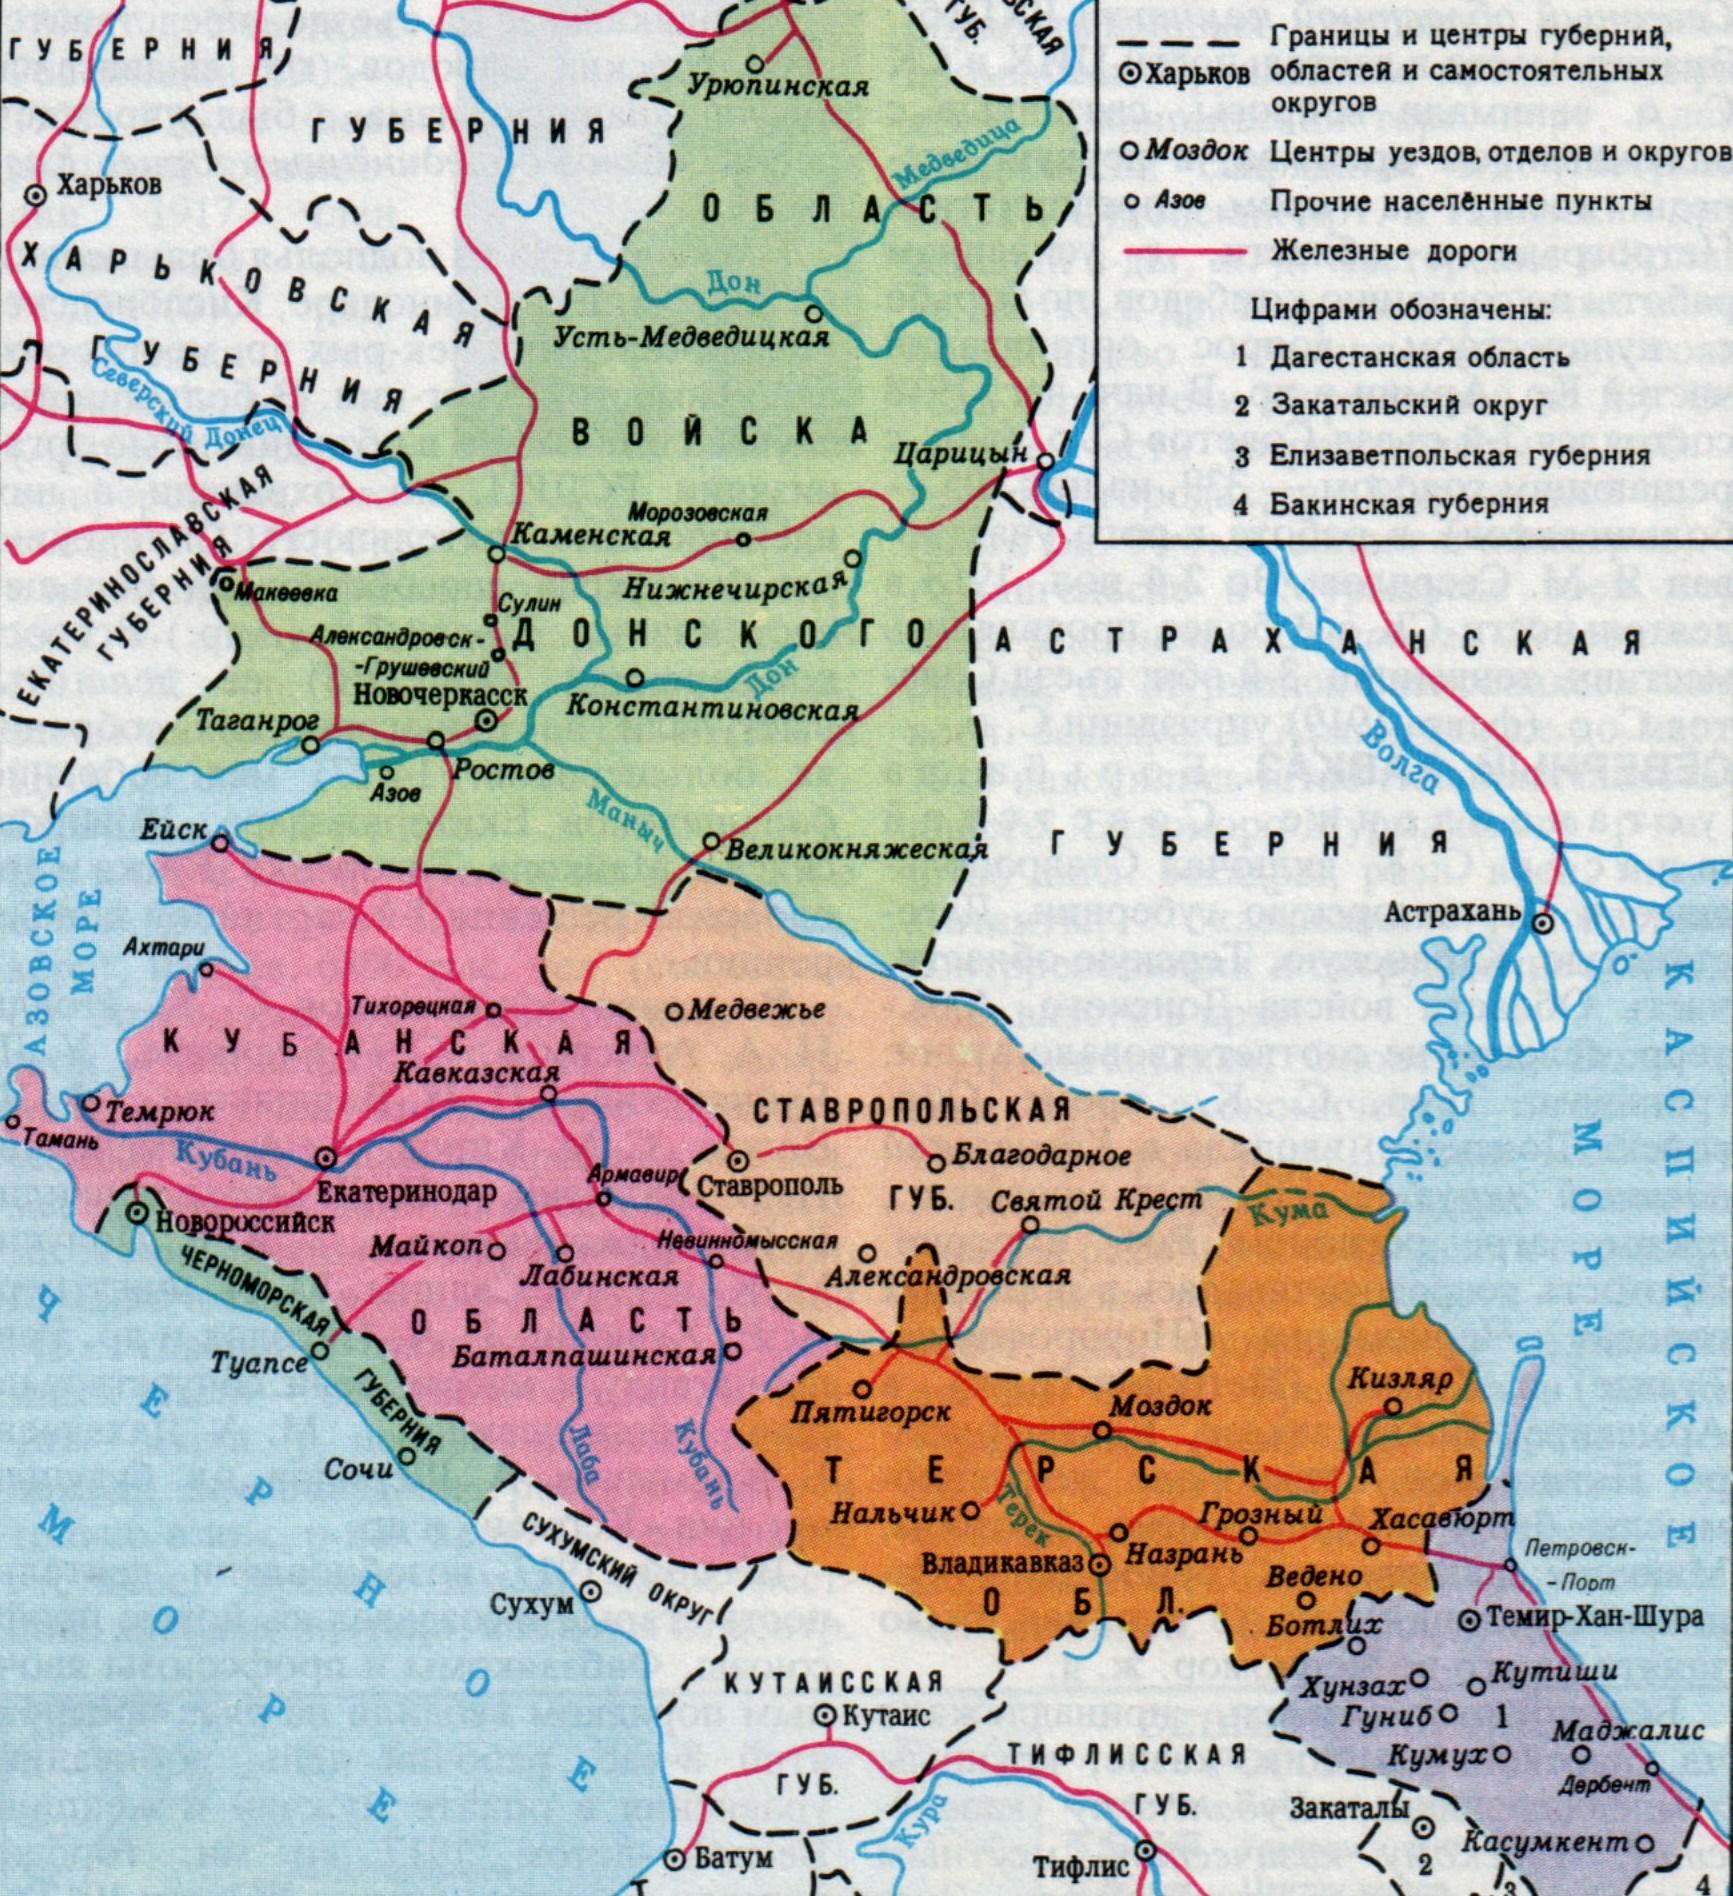 Картинка карта кавказа